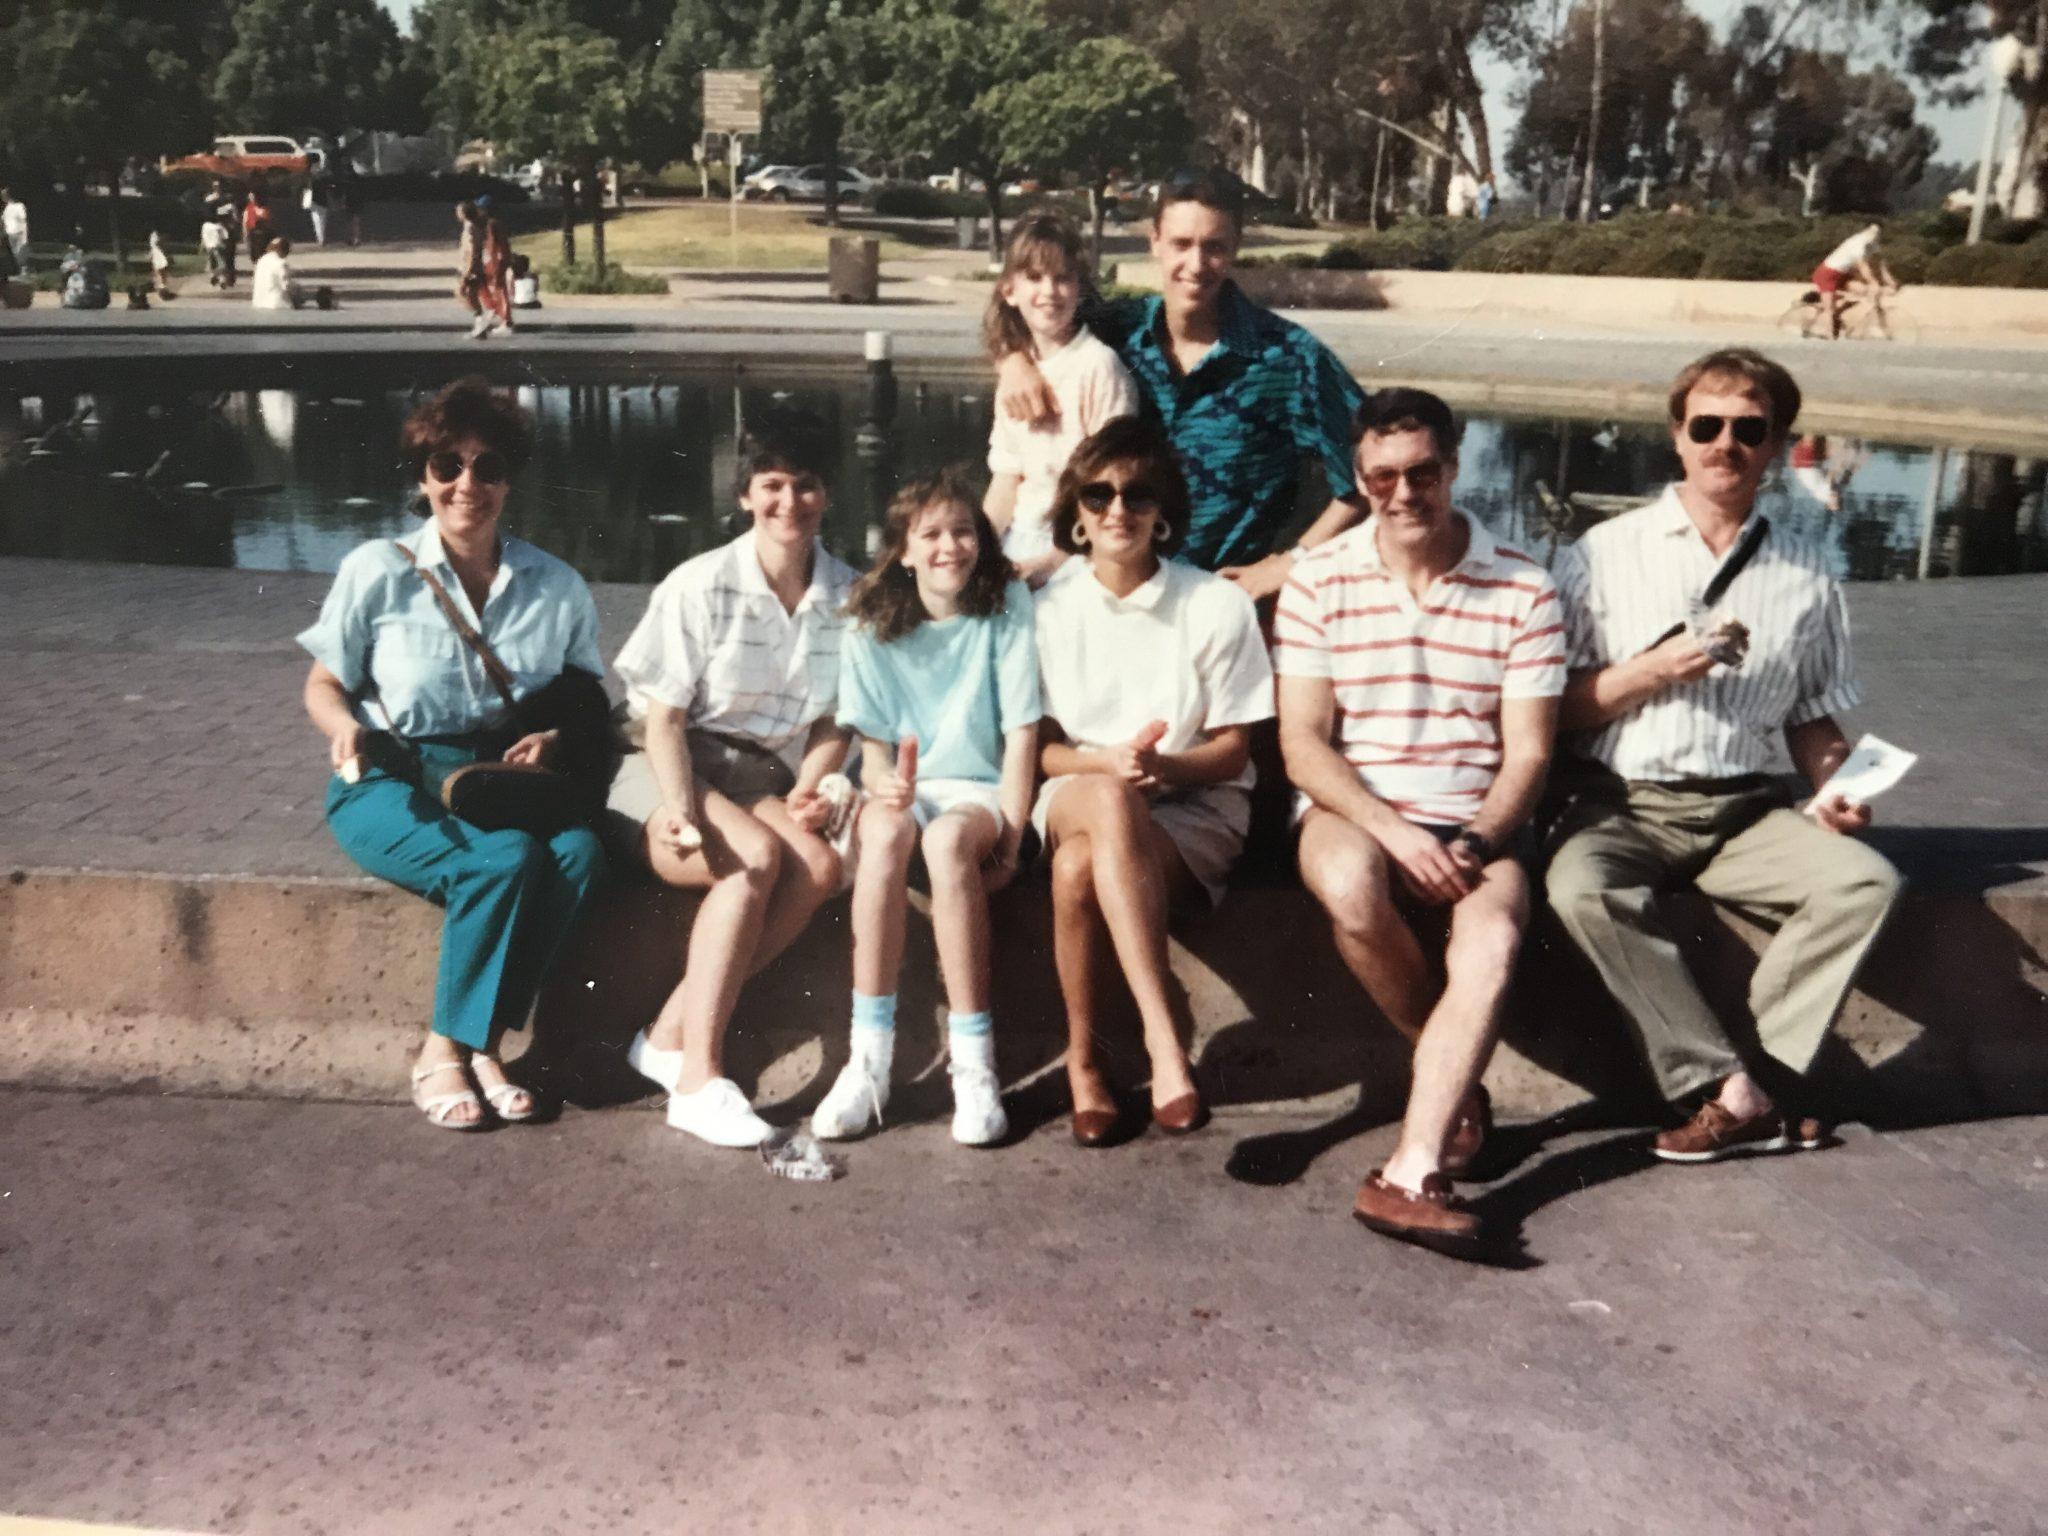 Karen's law school graduation- San Diego, June 1990